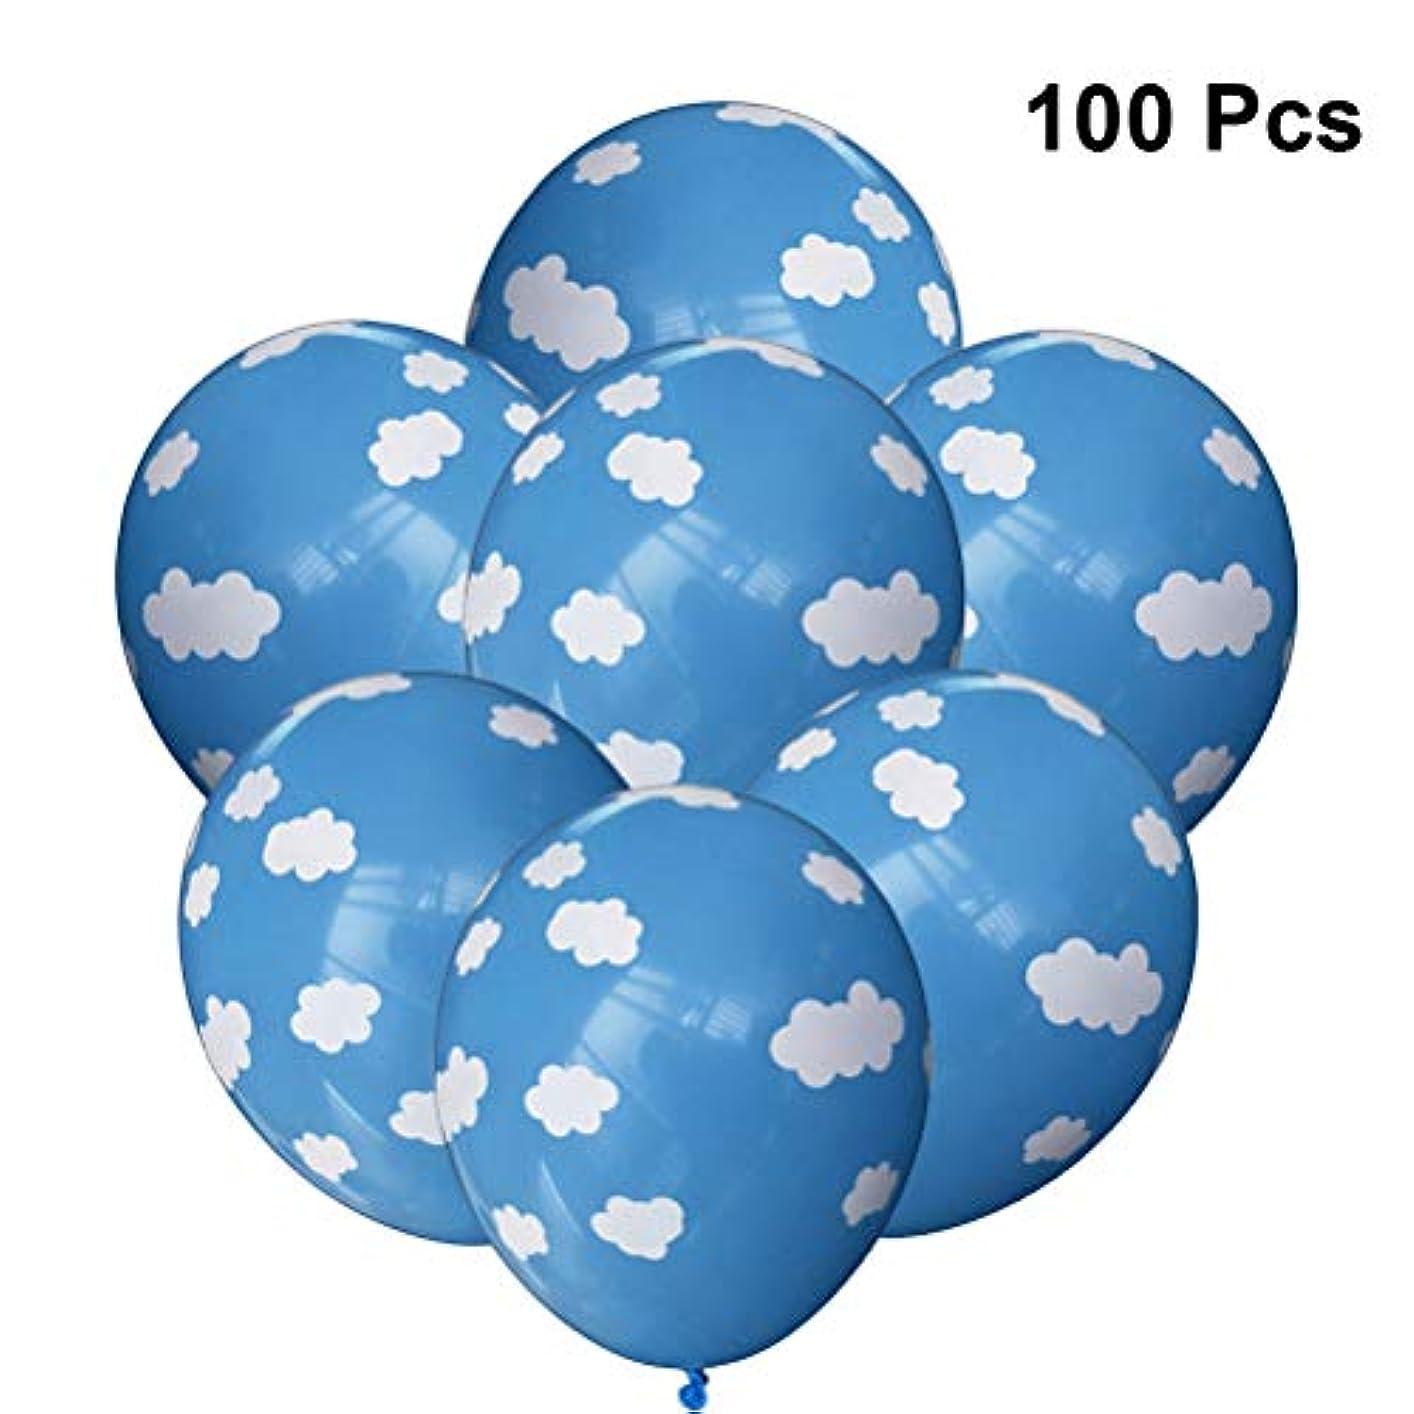 ことわざうるさい感謝祭LEDMOMO LEDMOMO 100個バルーン空雲プリントラテックス風船パーティー結婚式の装飾12インチ(ブルー)